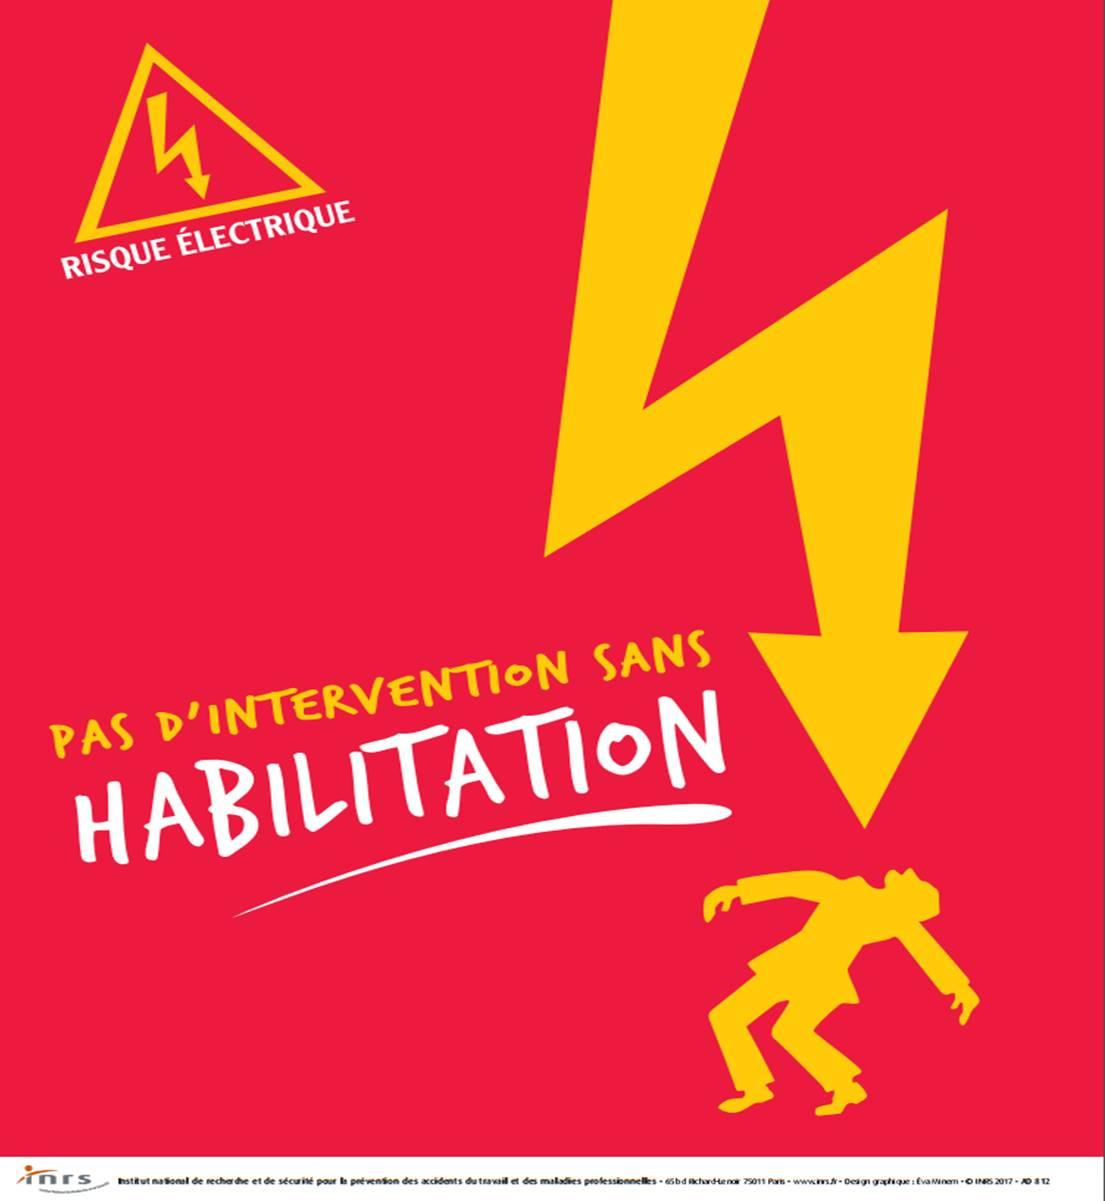 Des outils pour prévenir les risques électriques